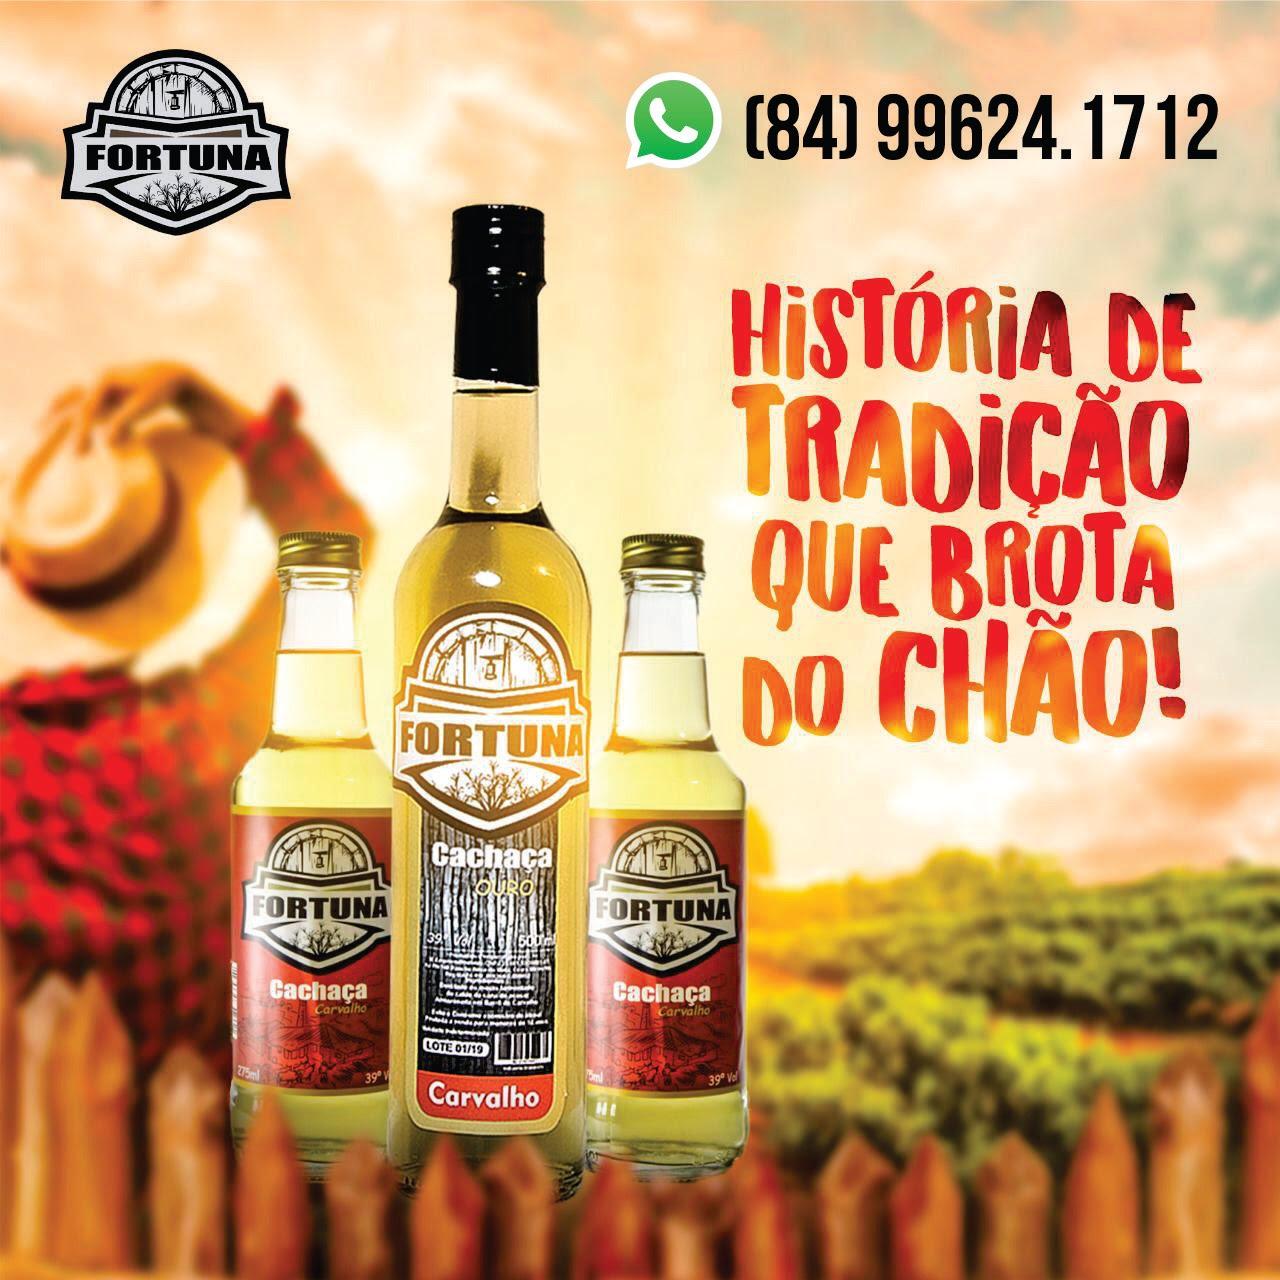 CACHAÇA FORTUNA